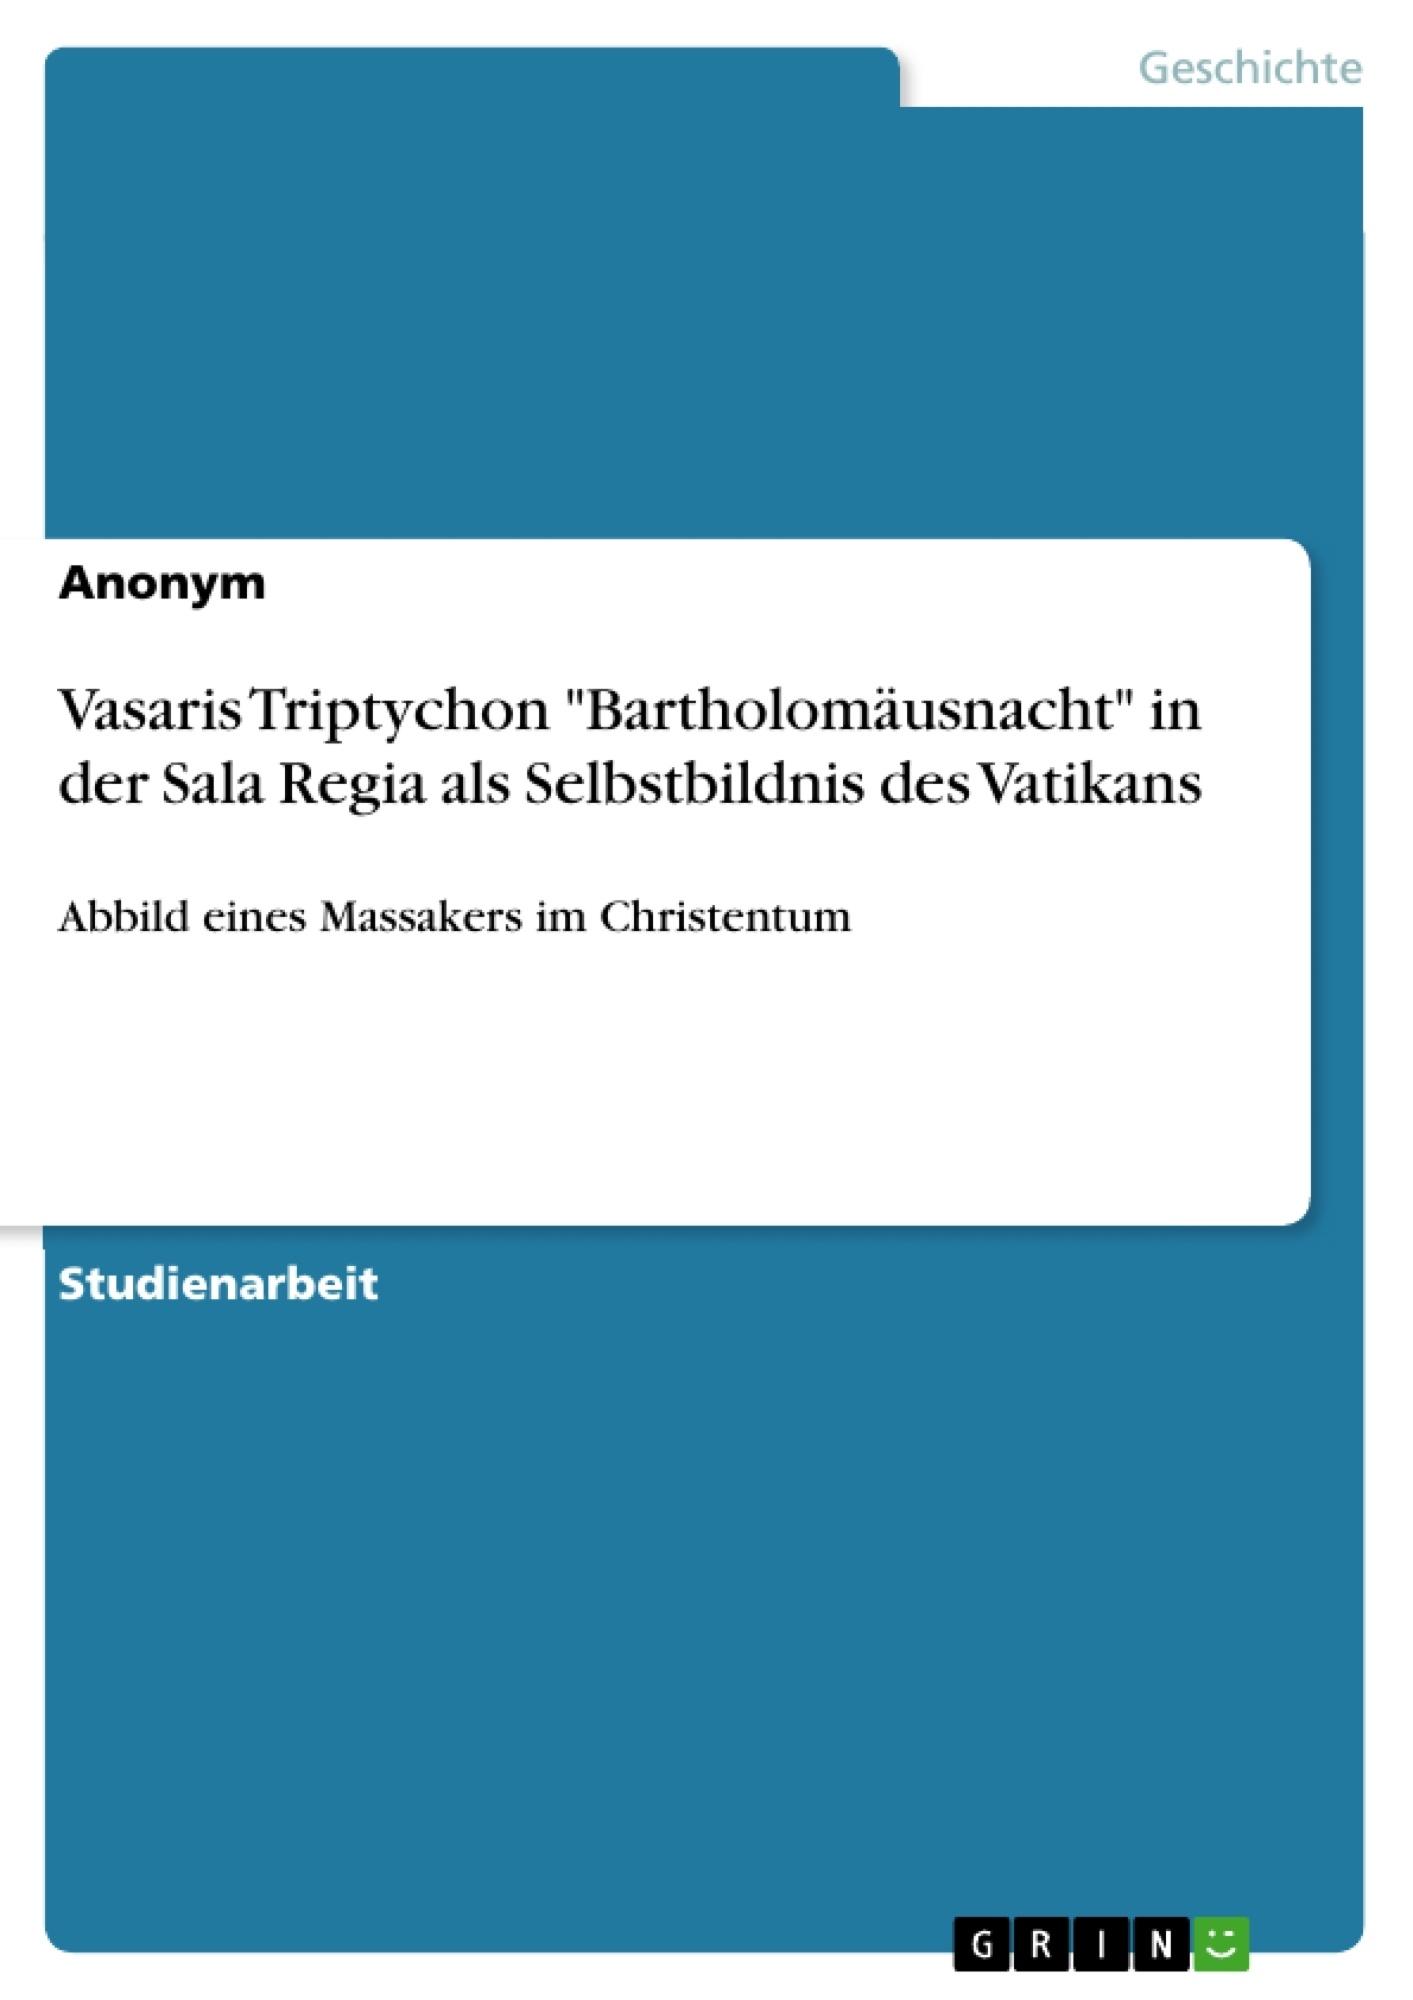 """Titel: Vasaris Triptychon """"Bartholomäusnacht"""" in der Sala Regia als Selbstbildnis des Vatikans"""